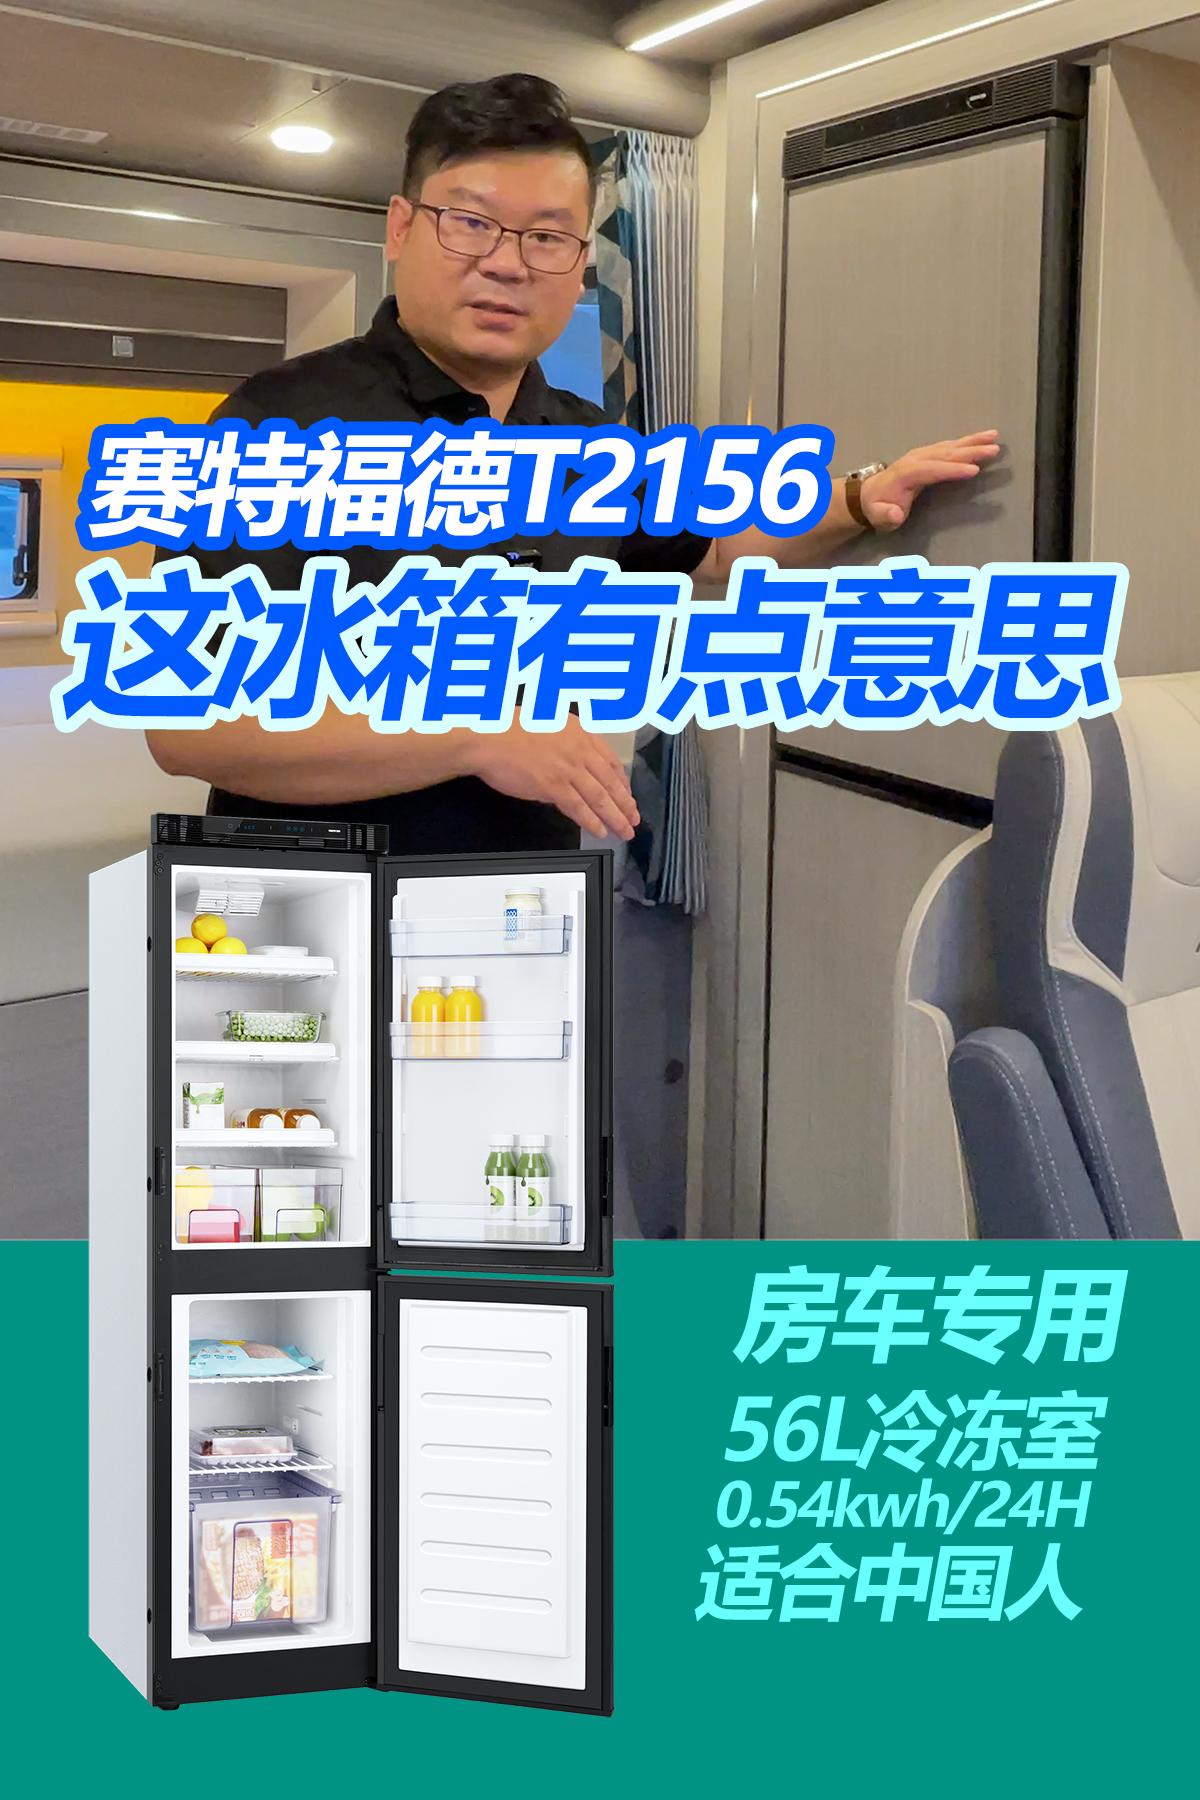 56升冷冻大容积,24小时不到0.5度电,最适合国人出行的房车专用冰箱-赛特福德T2156